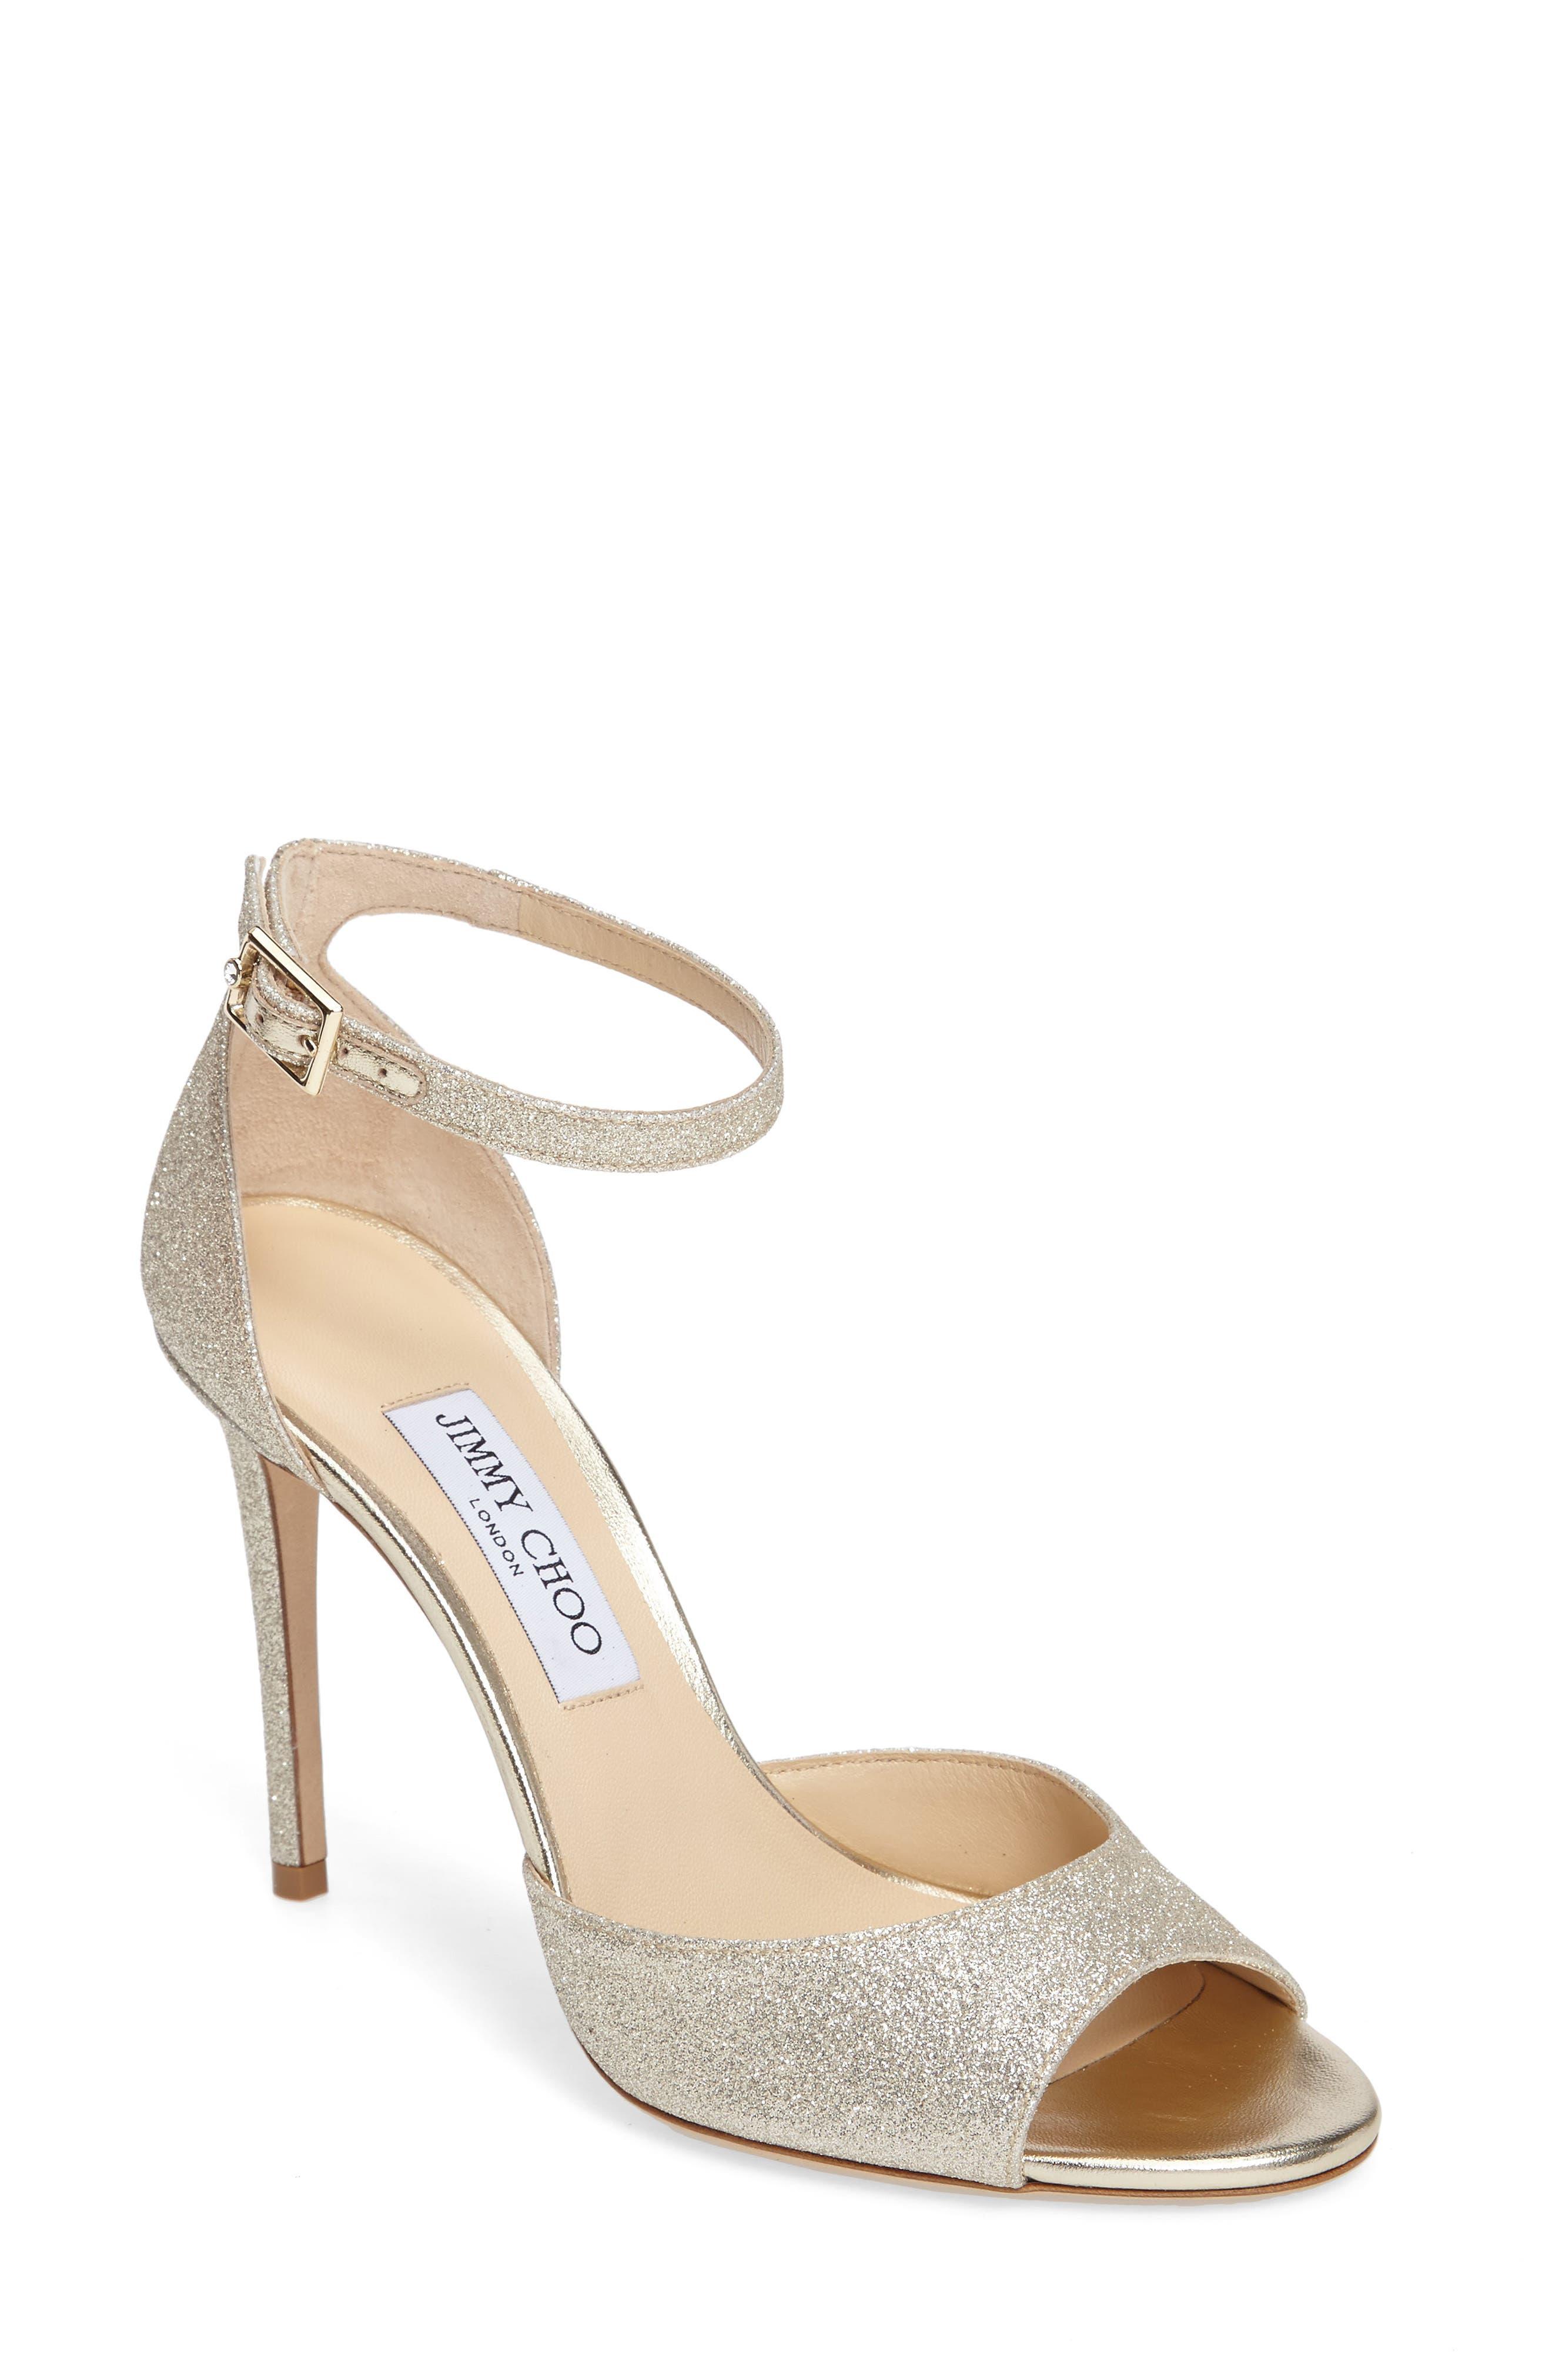 Bon Jimmy Choo Annie Ankle Strap Sandal (Women)